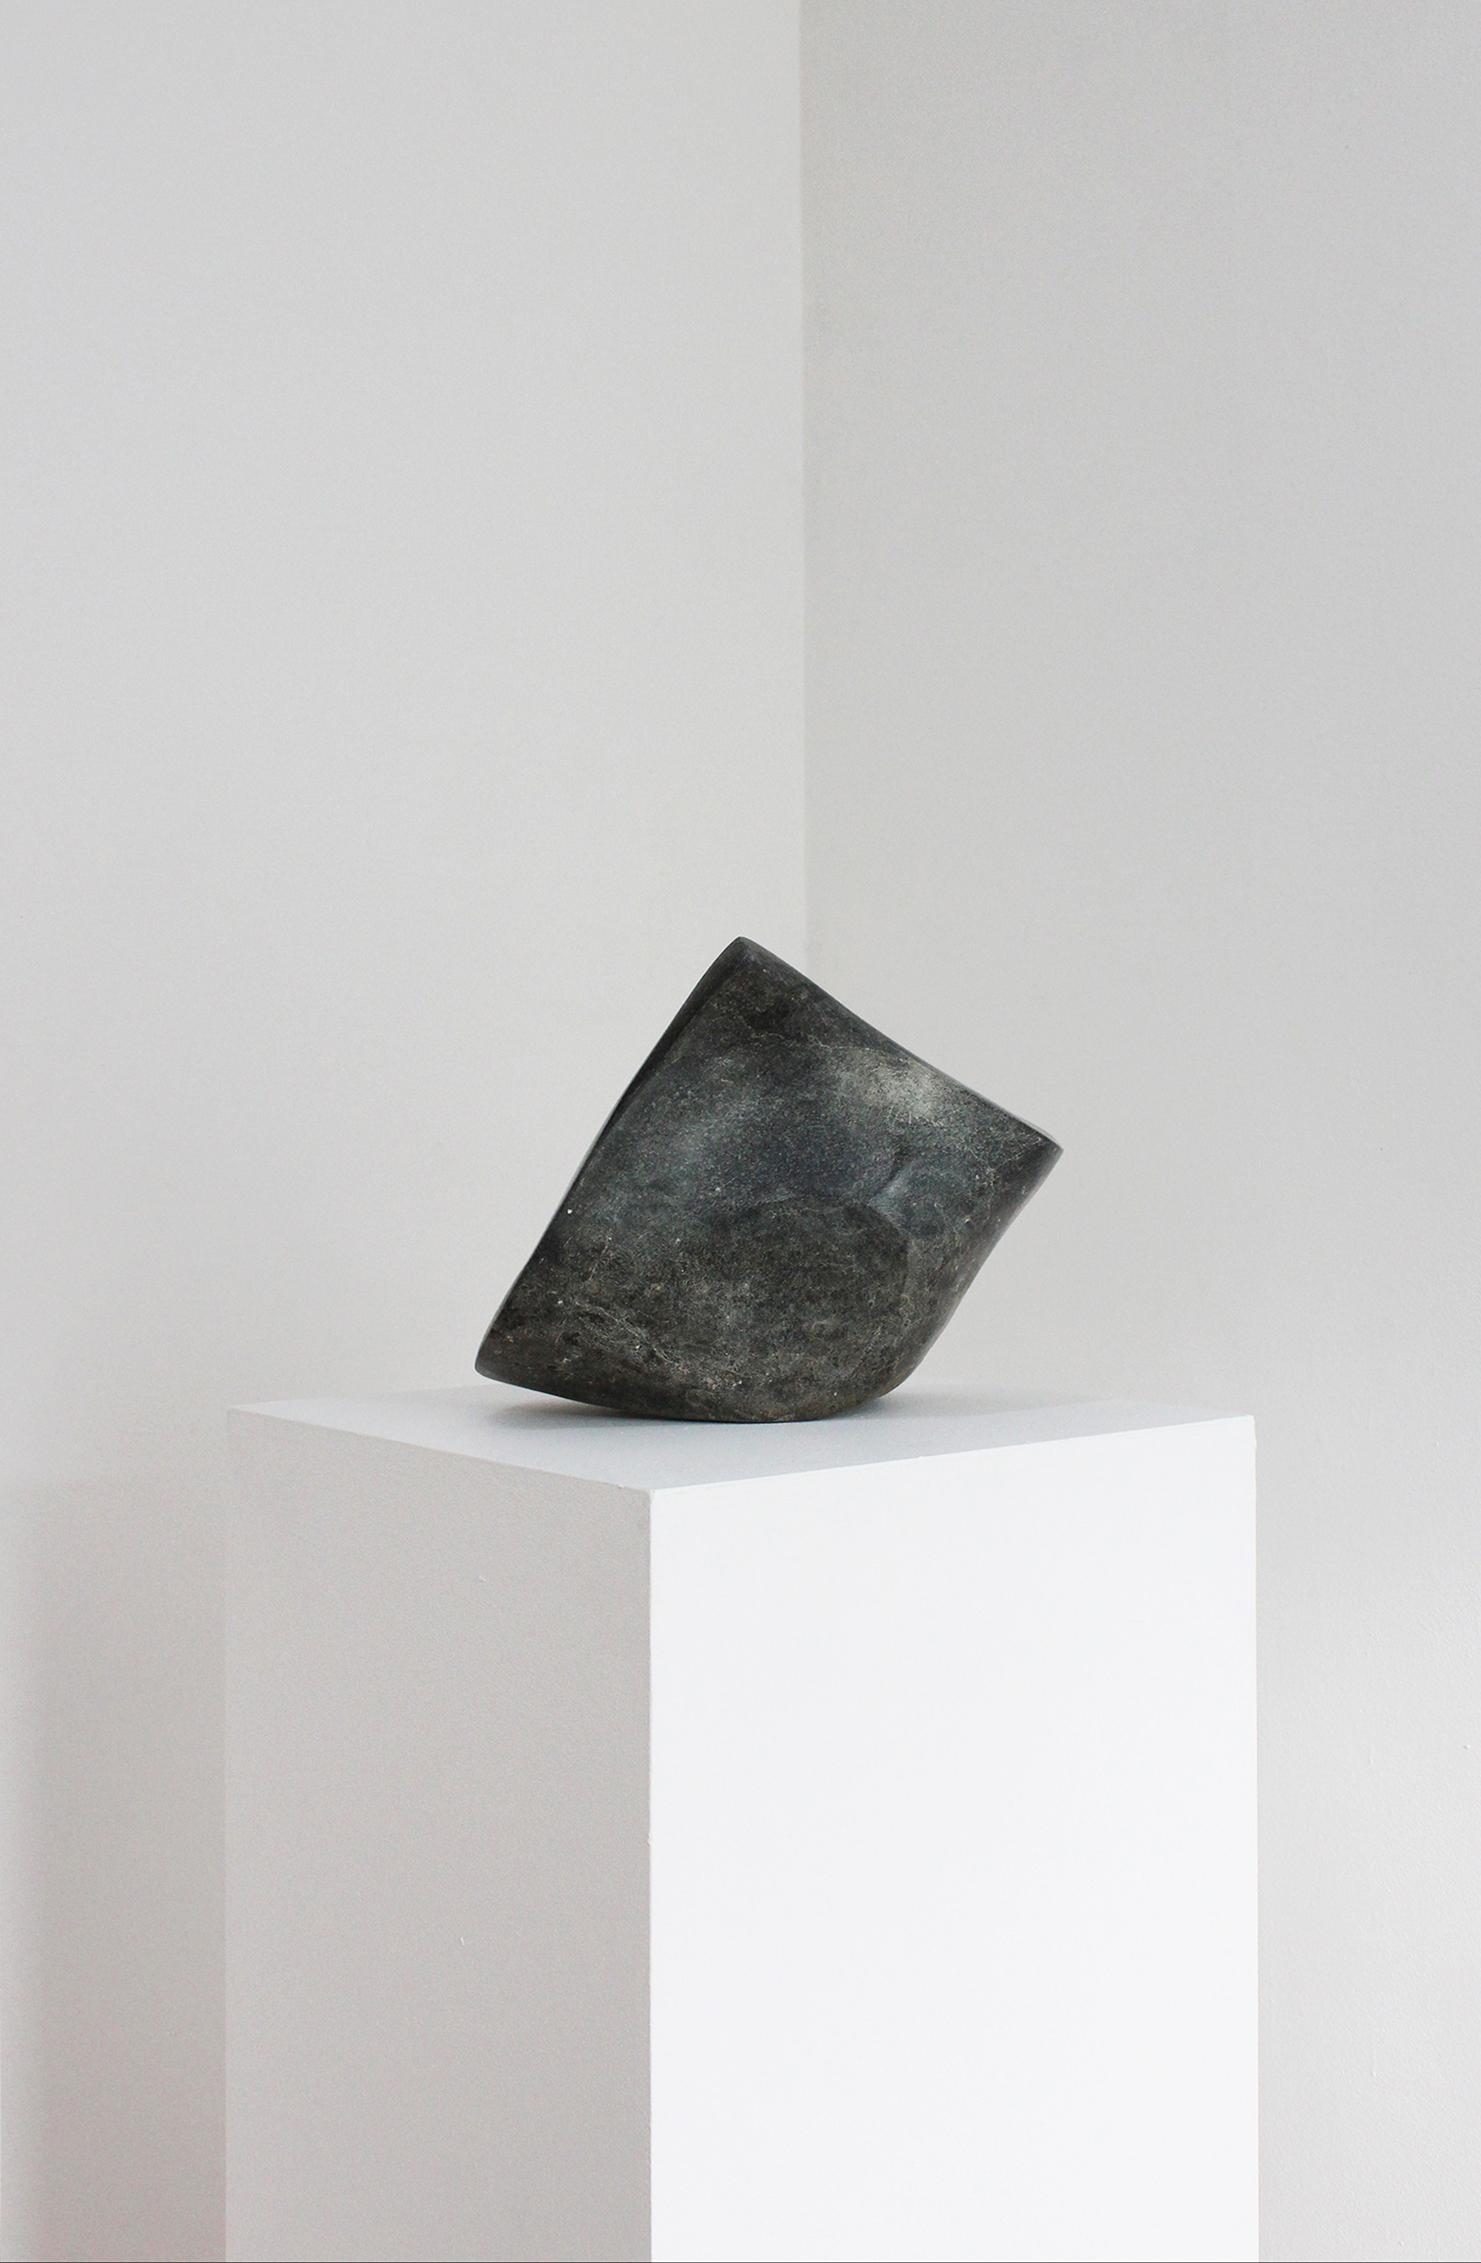 Overcast, Soapstone, 26x30x18cm $1050